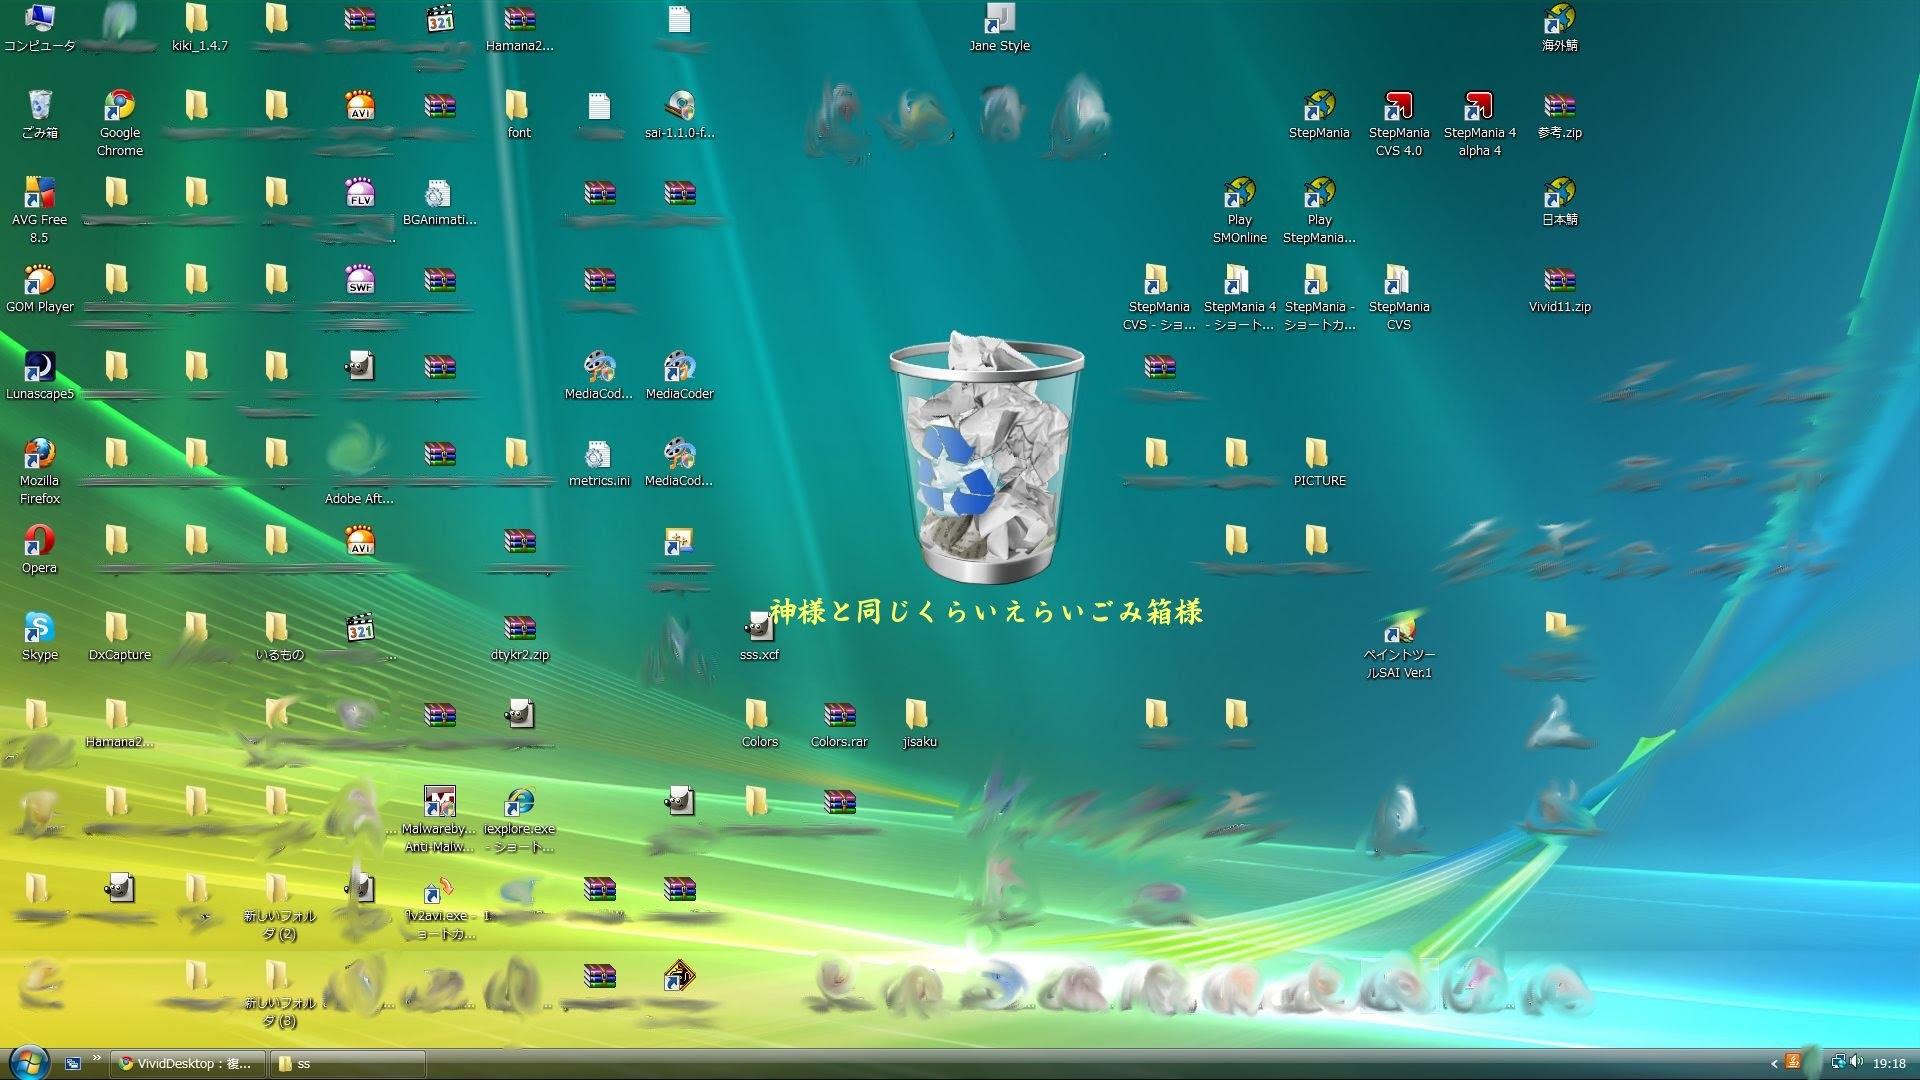 デスクトップ 壁紙 ユニーク - 暗い デスクトップ ユニークな 黒 背景の壁紙